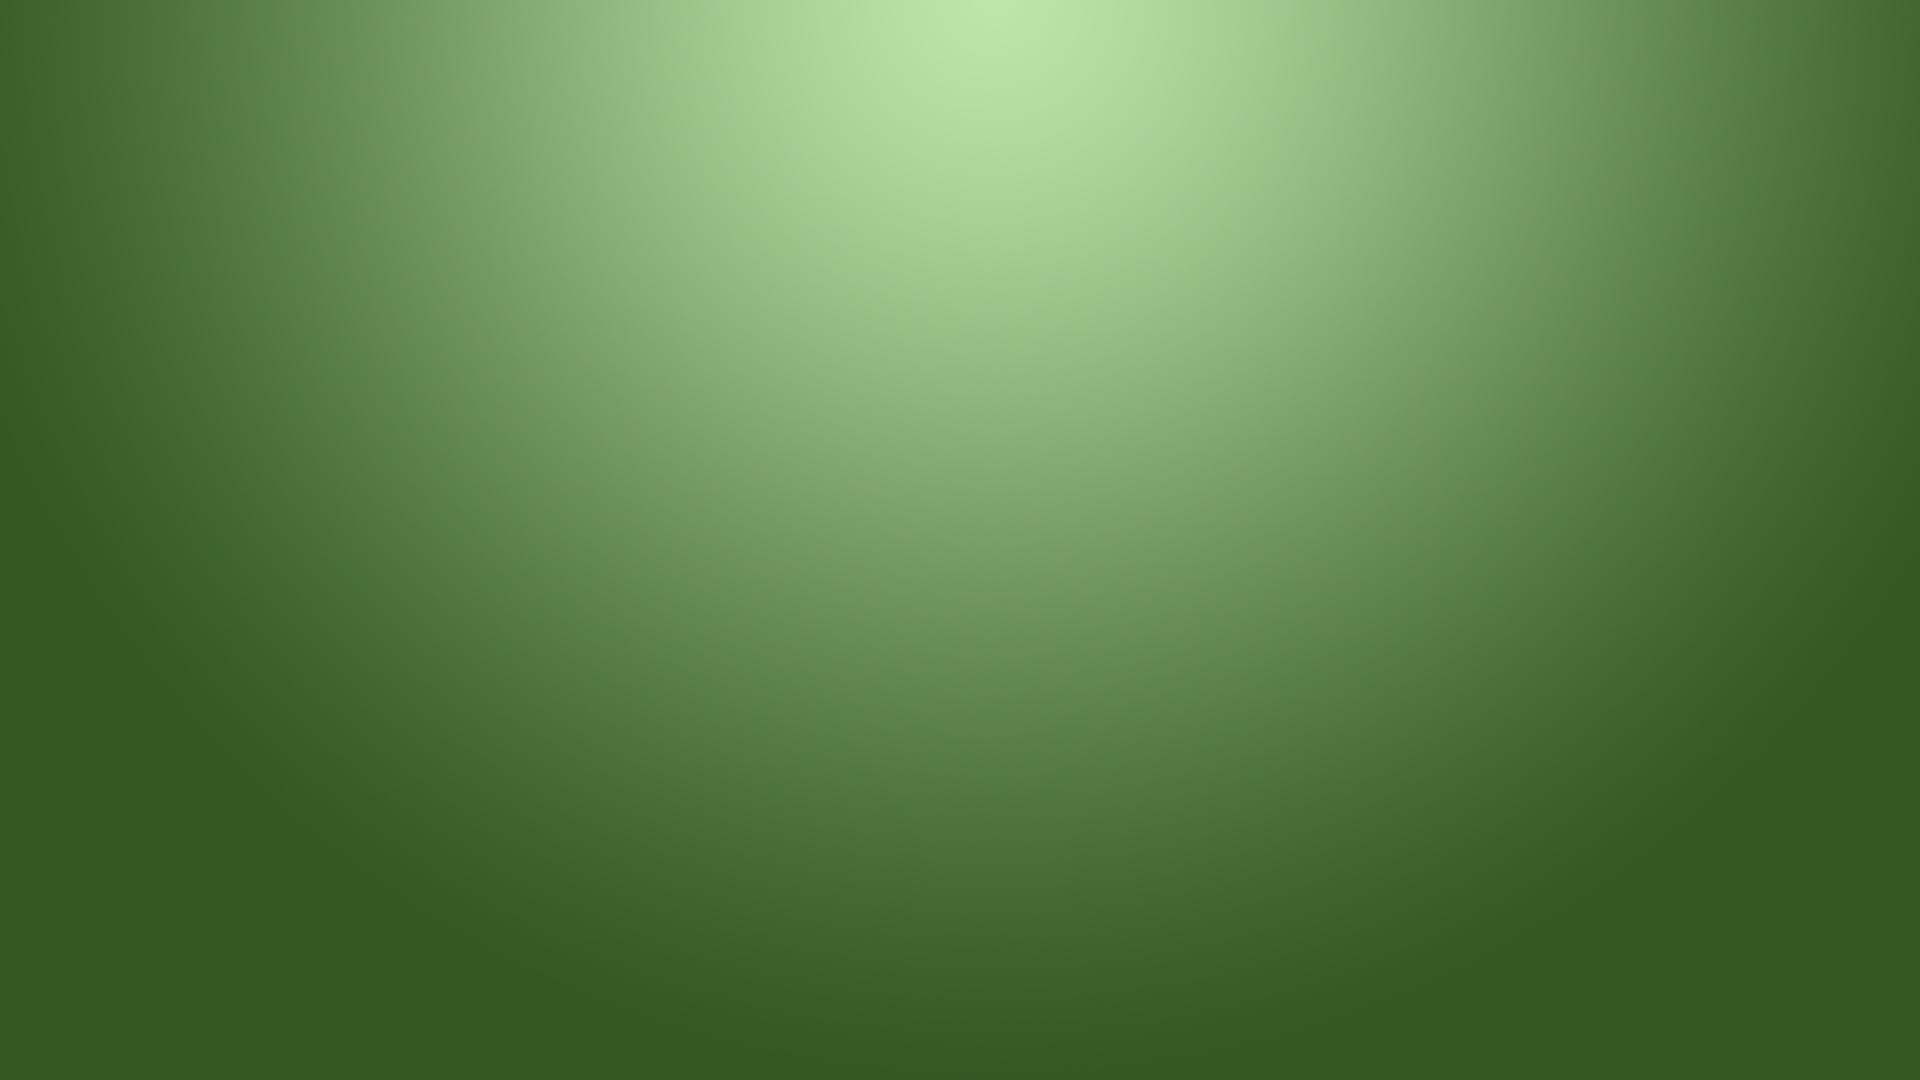 Farbverlauf+Grün+1920x1080.jpg